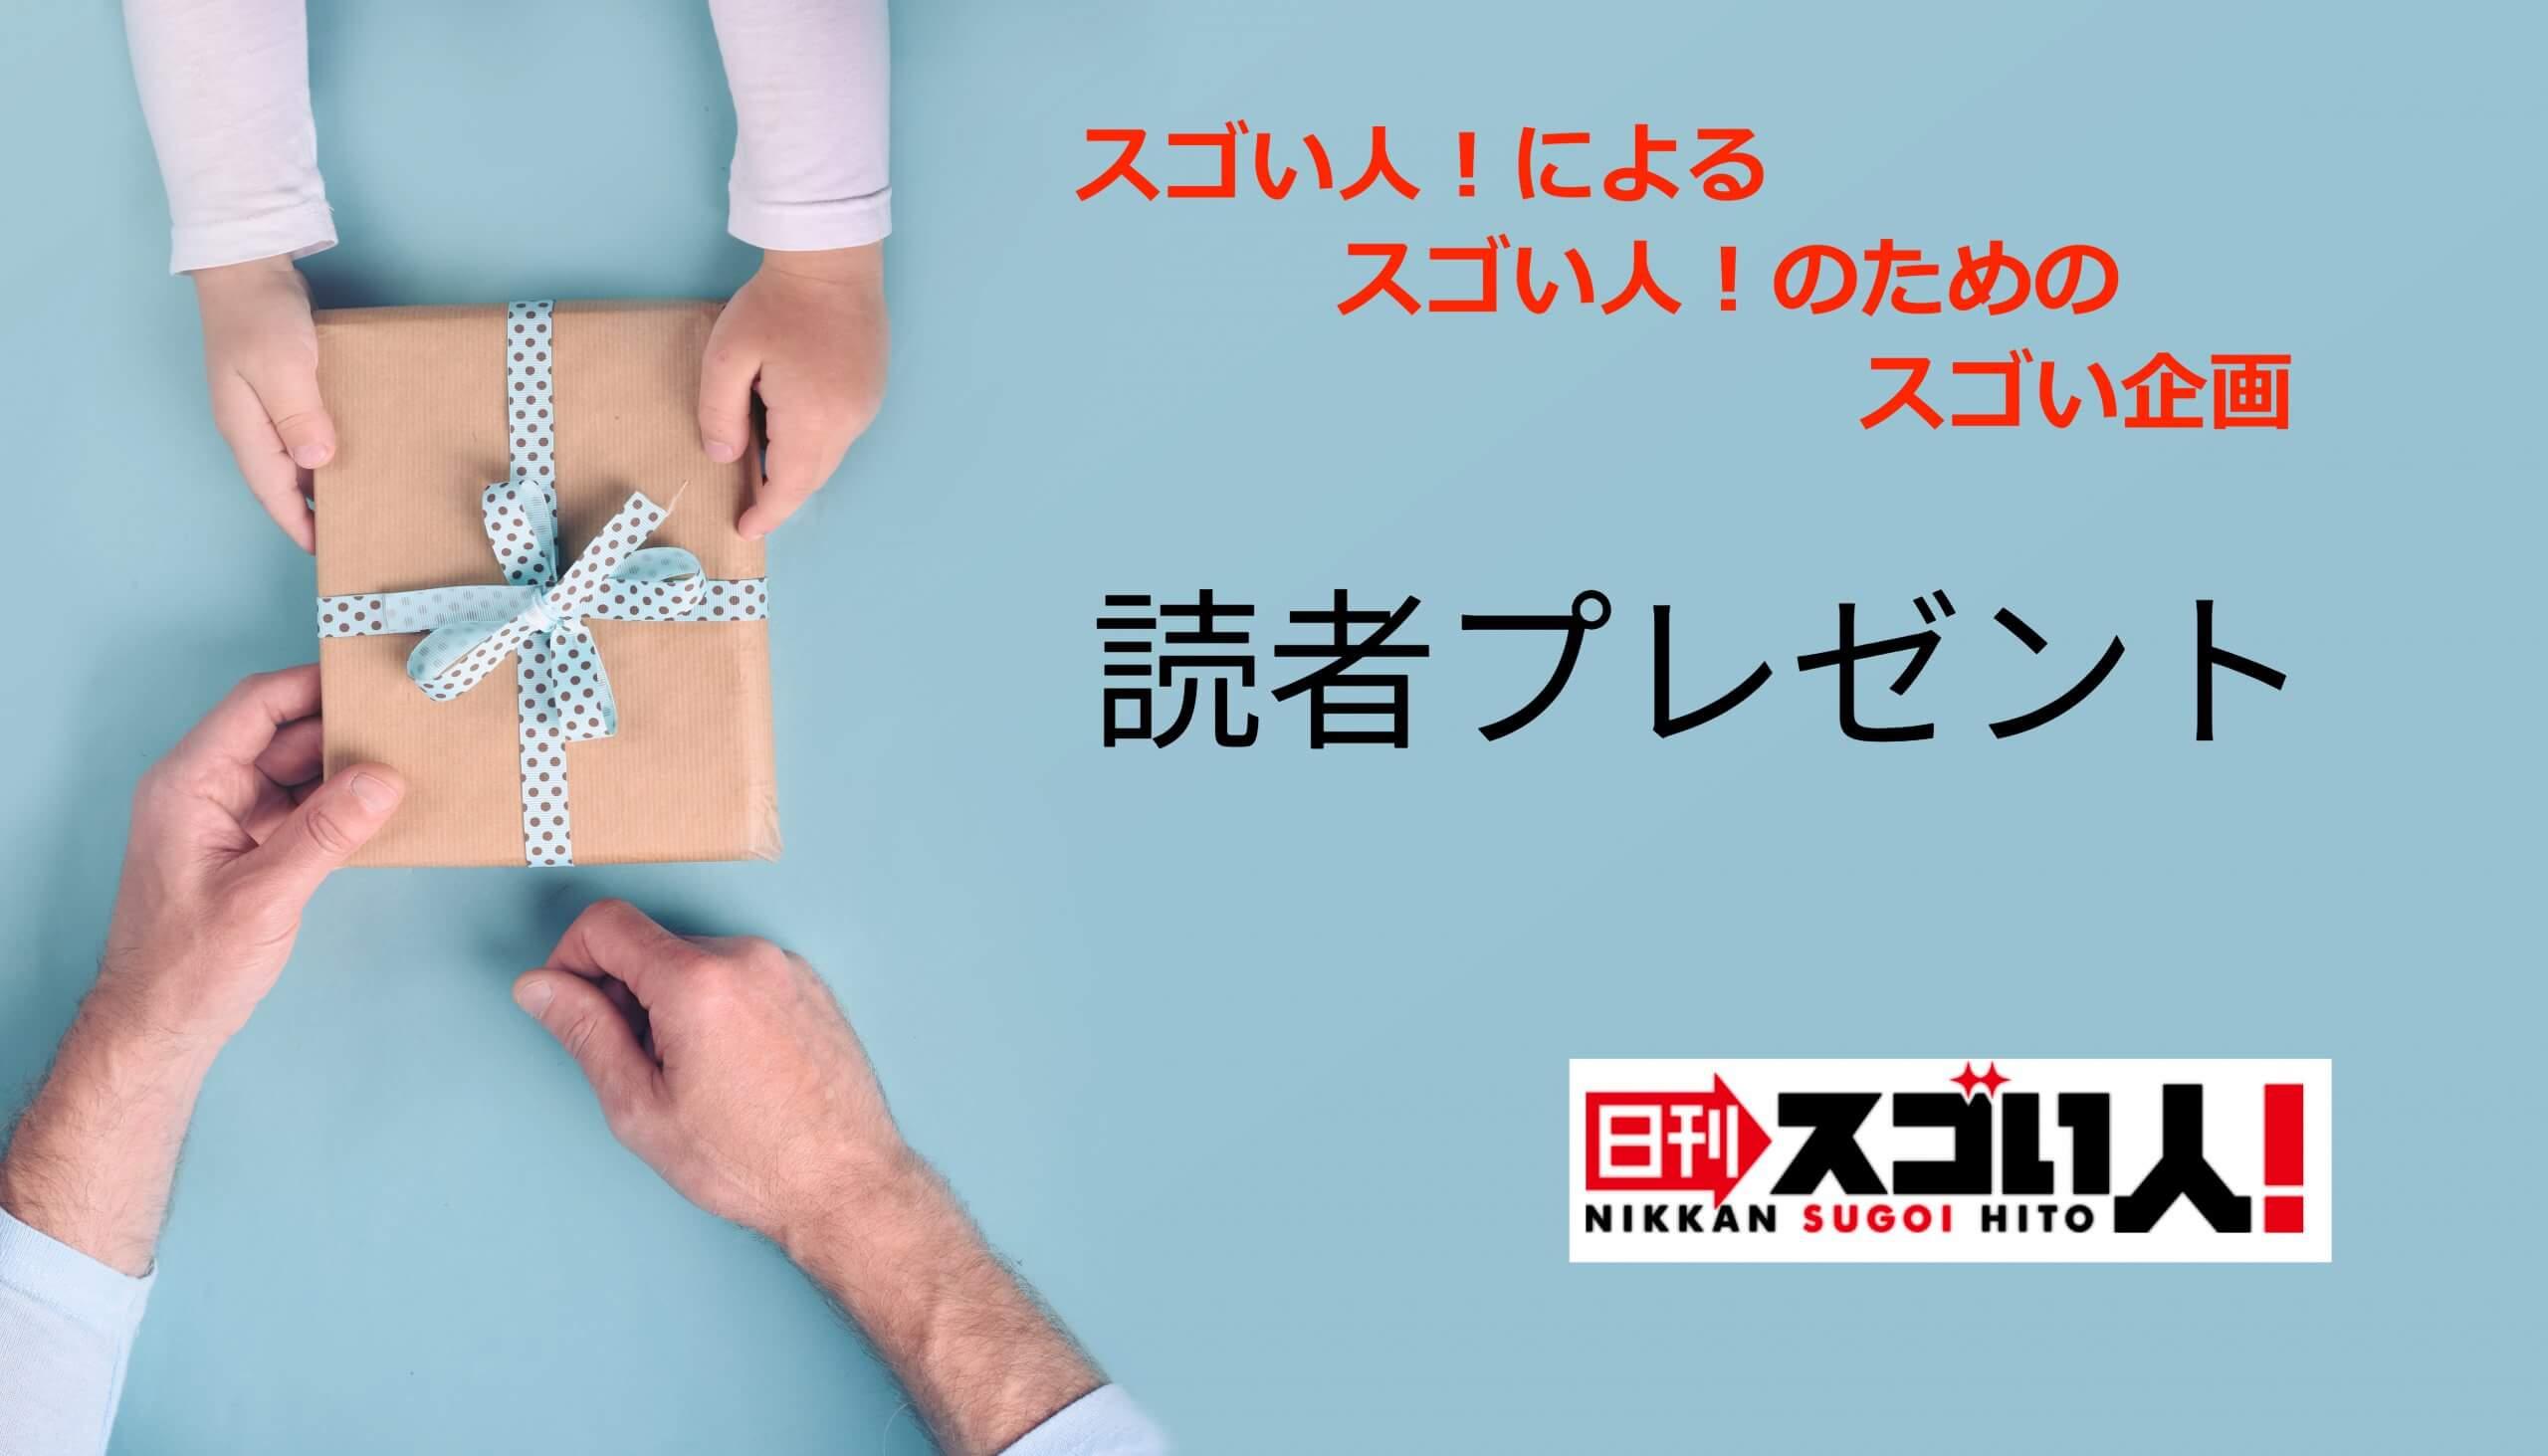 (日本語) 読者プレゼントのお知らせ